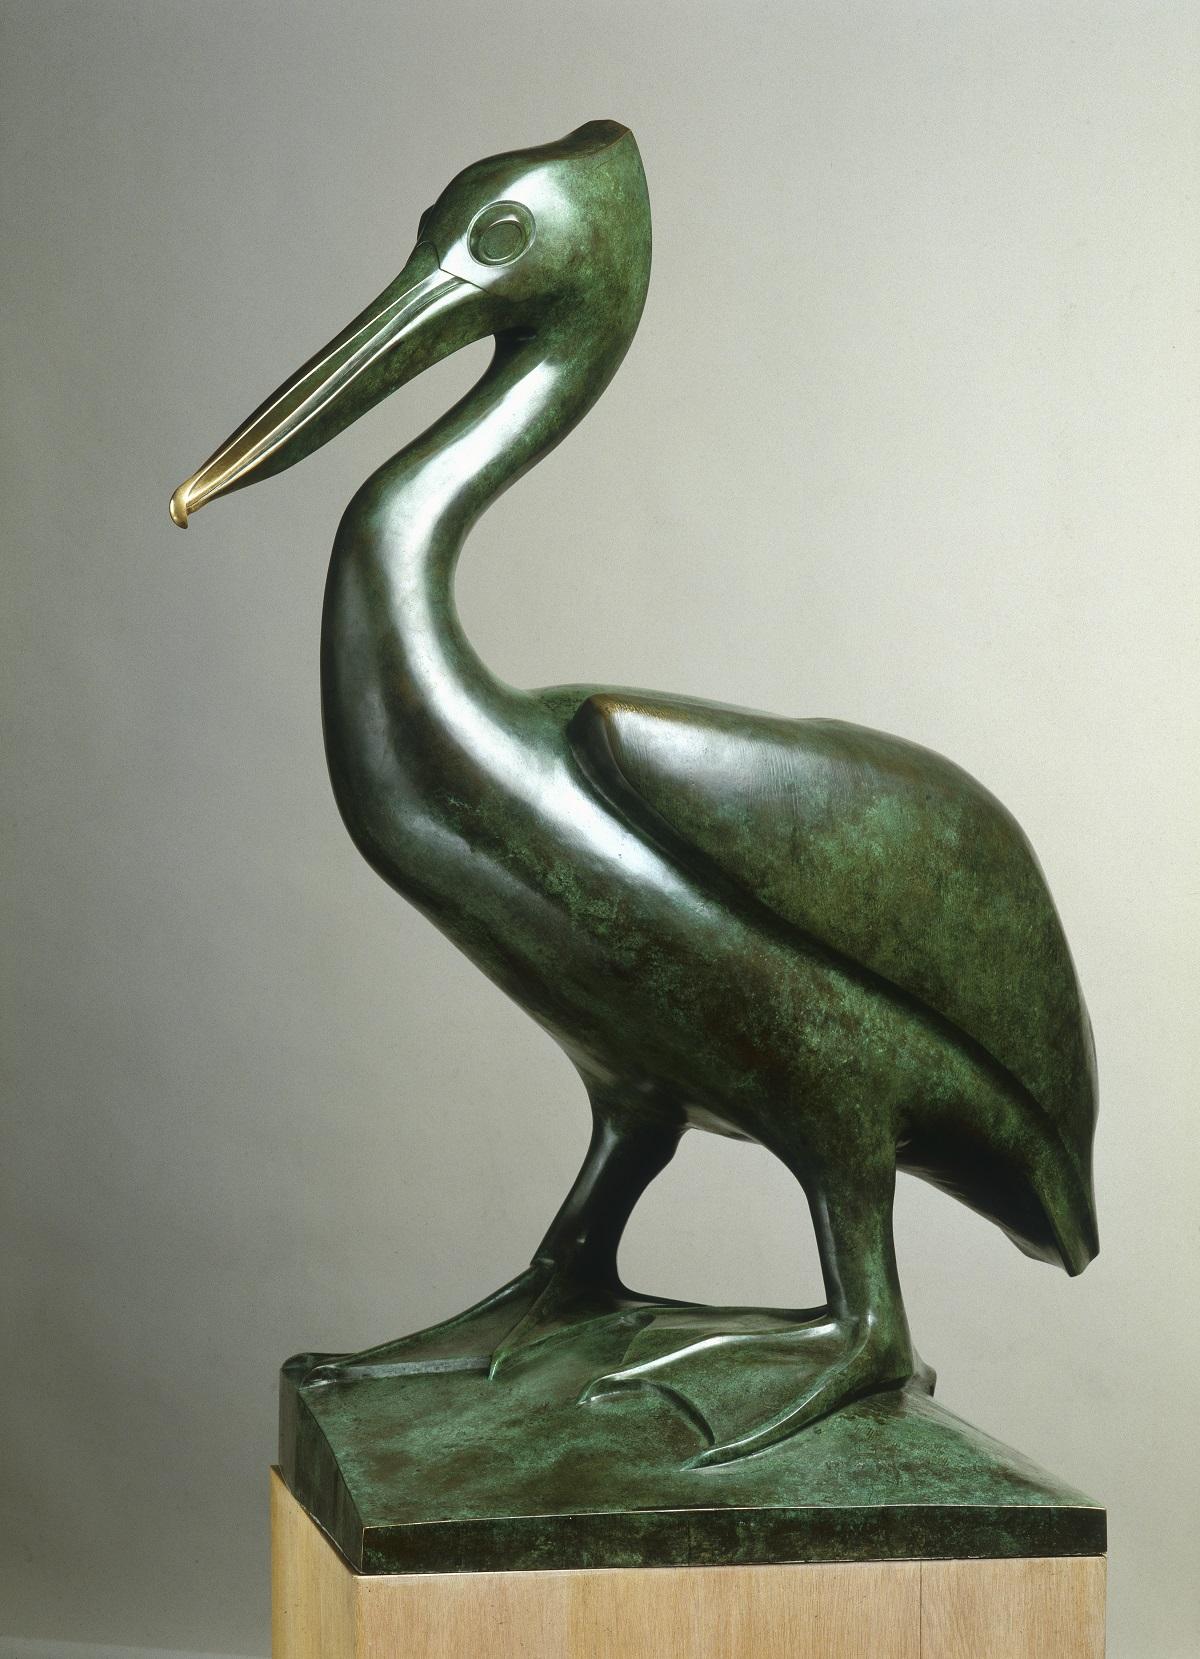 《ペリカン》 ブロンズ 1924年 ディジョン美術館蔵(国立自然史博物館寄託) © Musée des Beaux-Arts de Dijon/François Jay